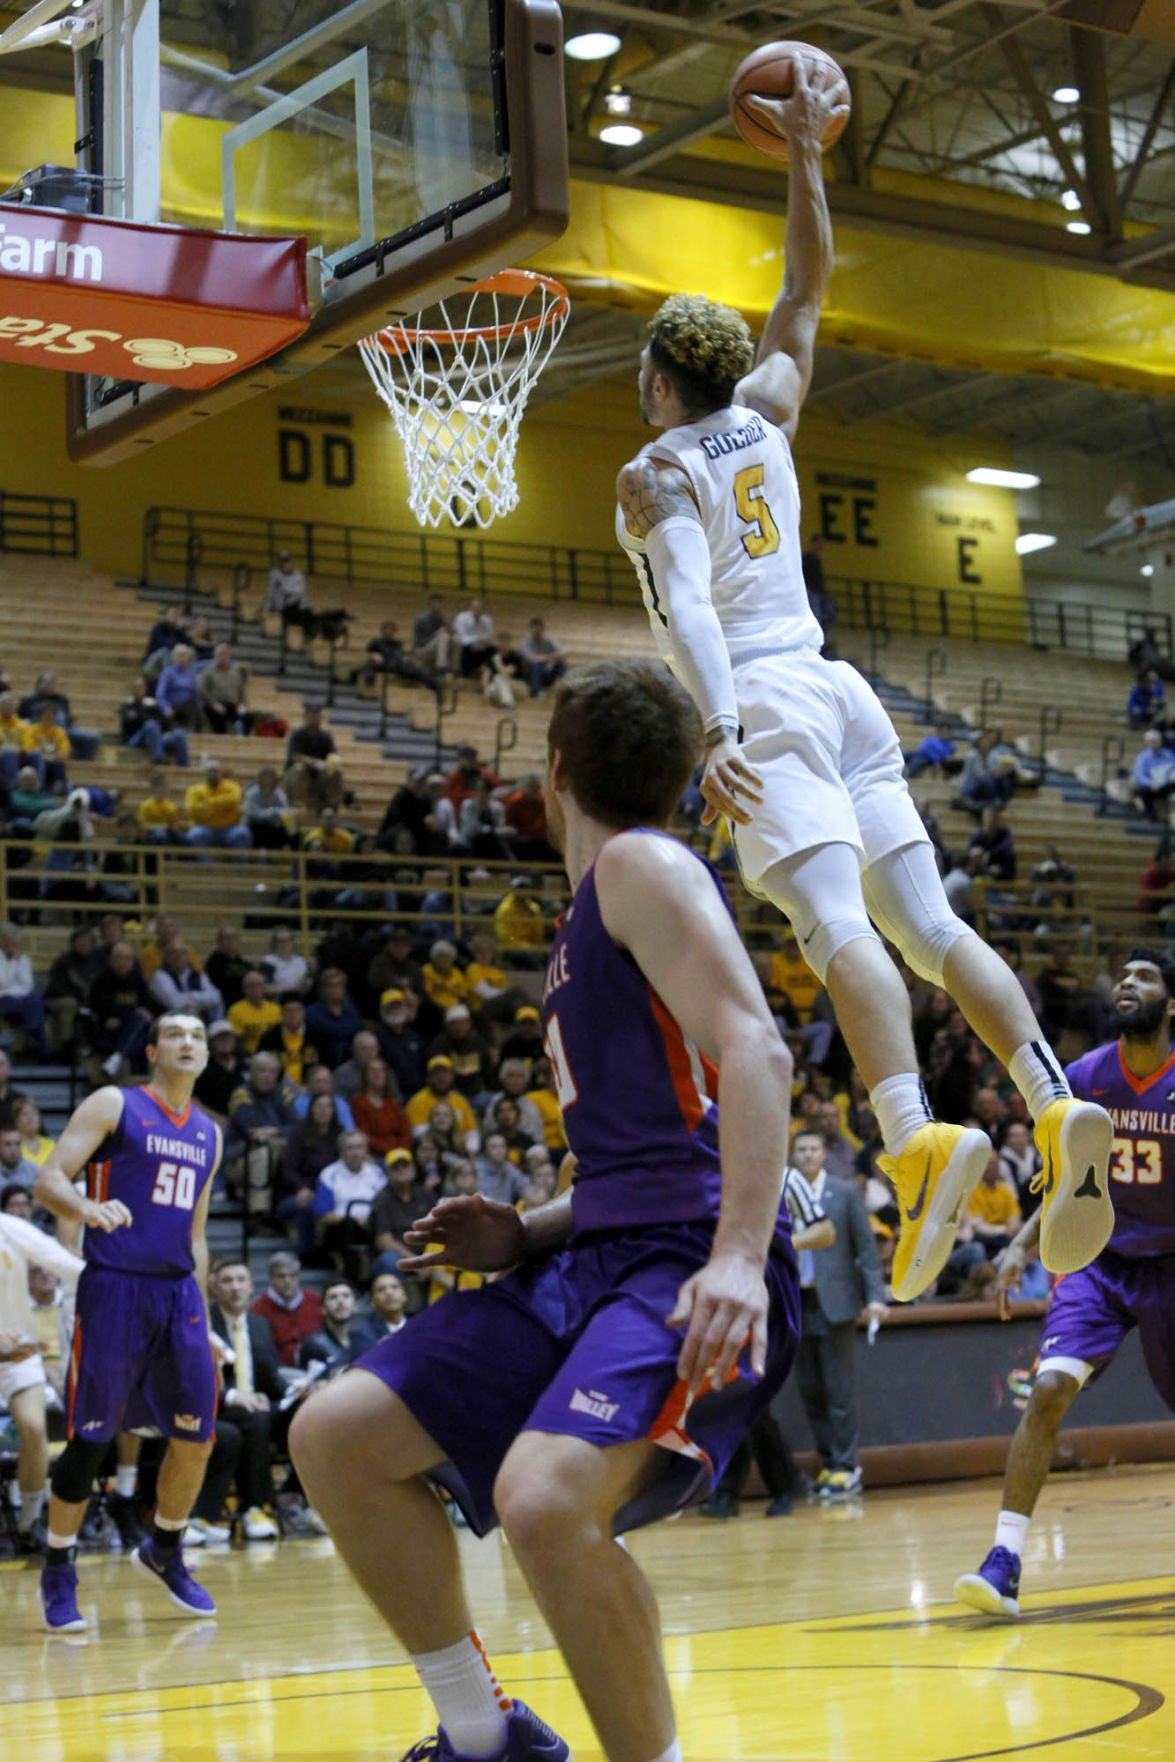 Valparaiso vs. Evansville men's basketball